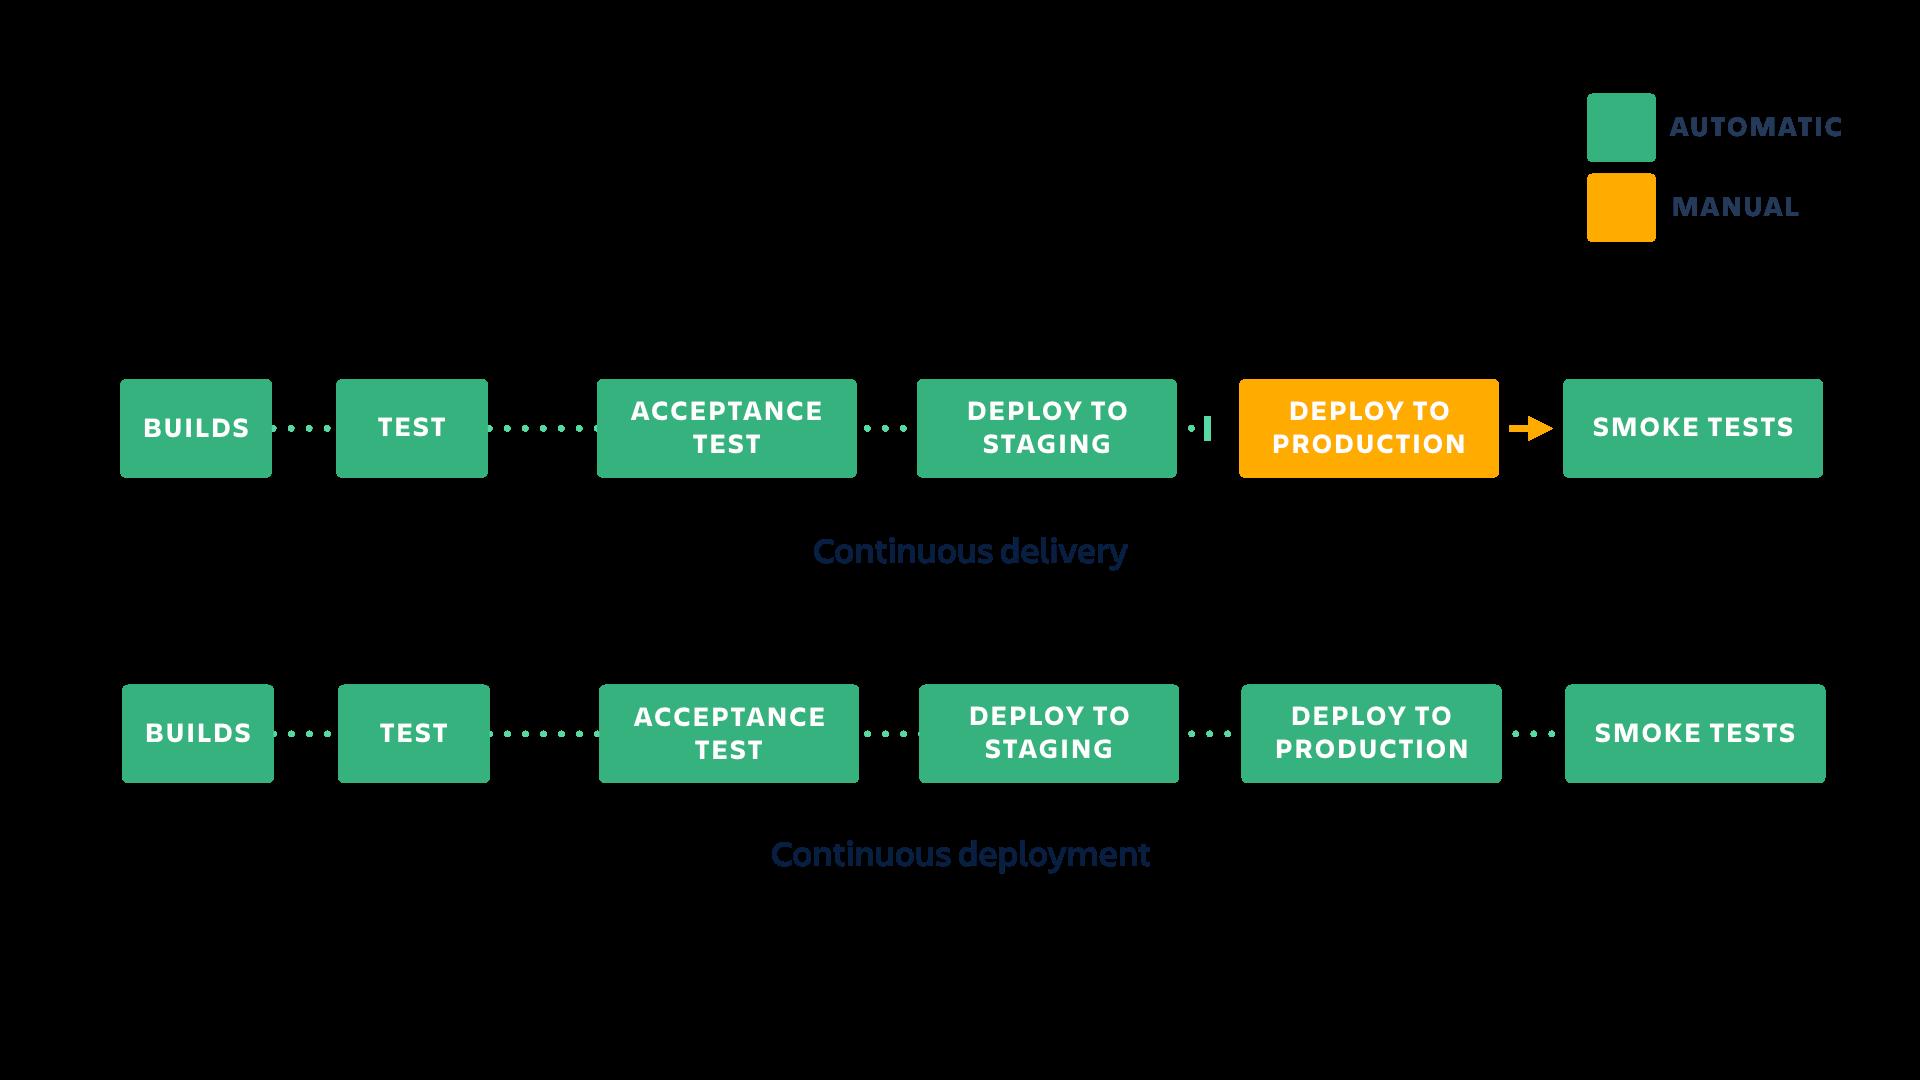 Entrega contínua vs. implementação contínua